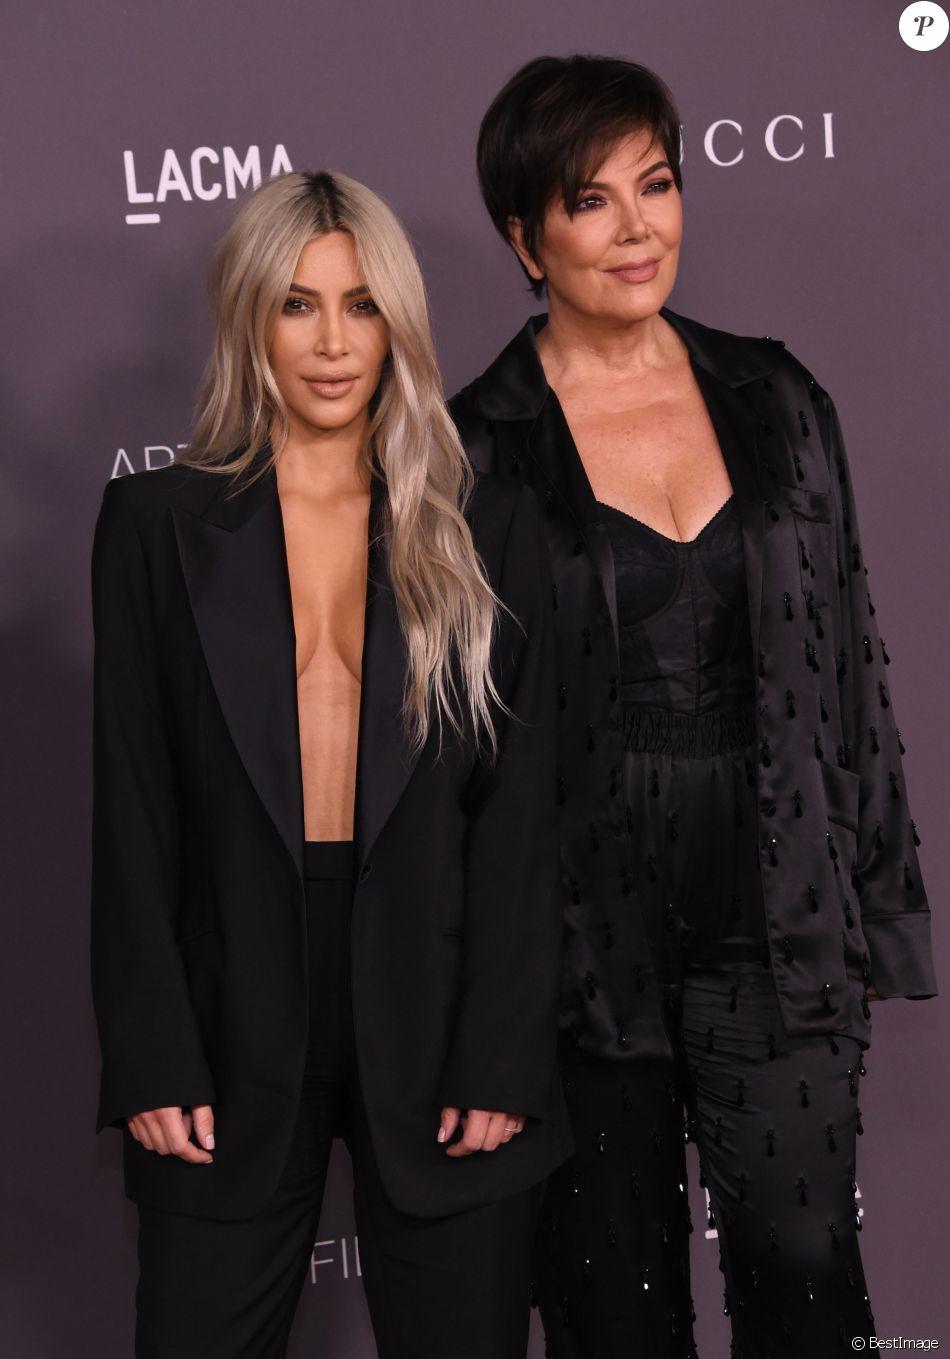 Kim Kardashian et sa mère Kris Jenner à la soirée LACMA Art au musée LACMA à Los Angeles, le 4 novembre 2017 © Chris Delmas/Bestimage